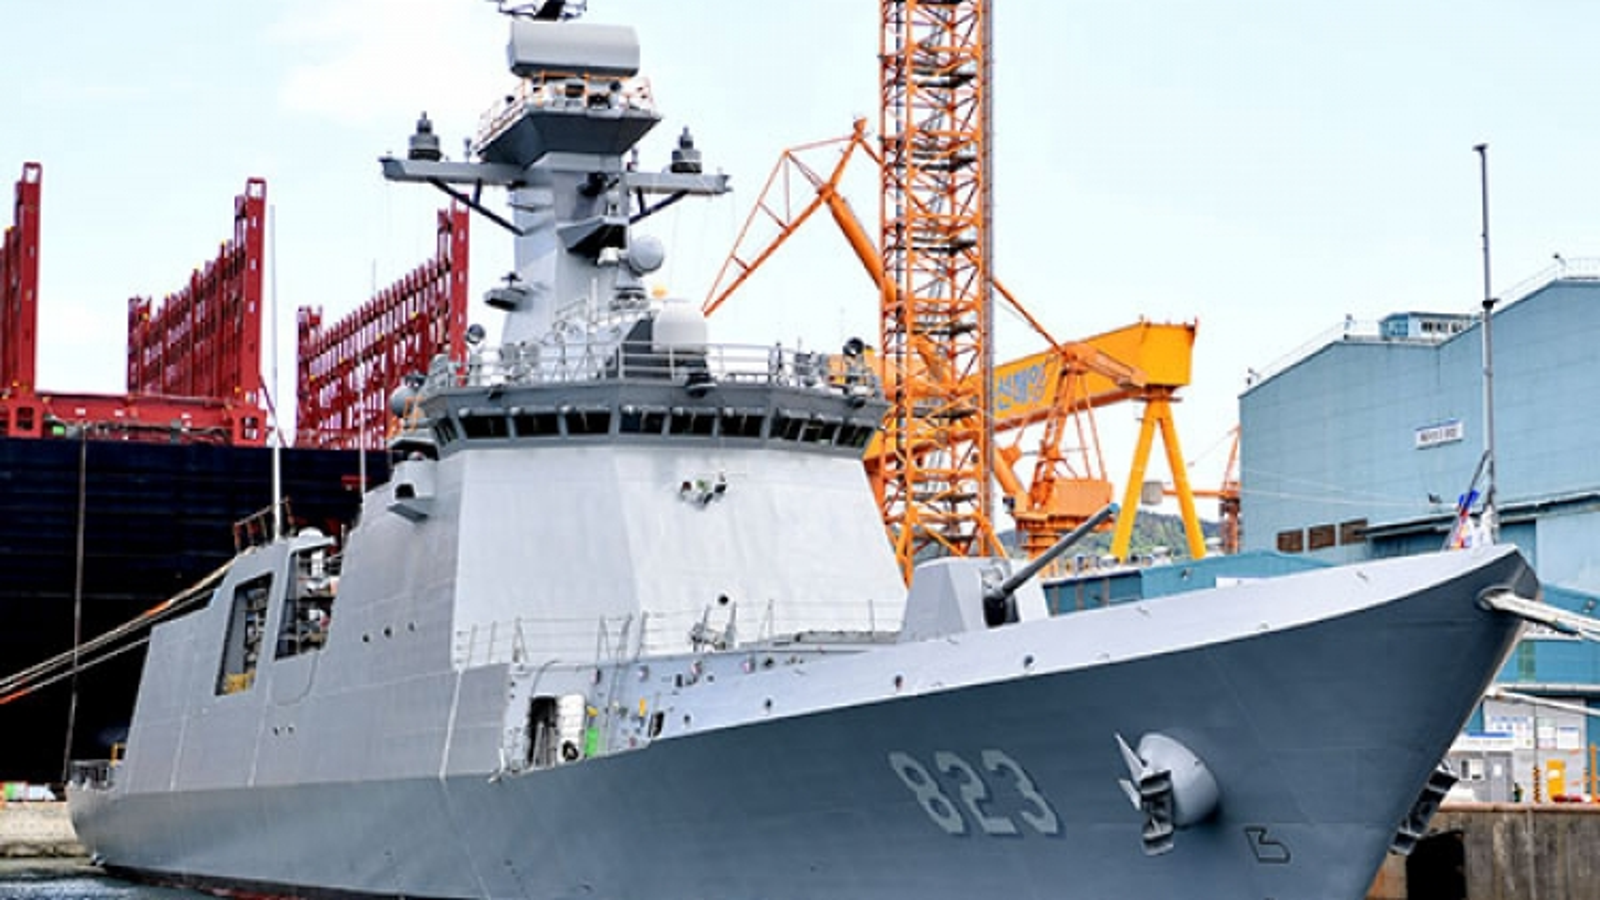 Hàn Quốc mạnh tay chi hơn 3 tỷ USD để có tàu hộ vệ kiểu mới